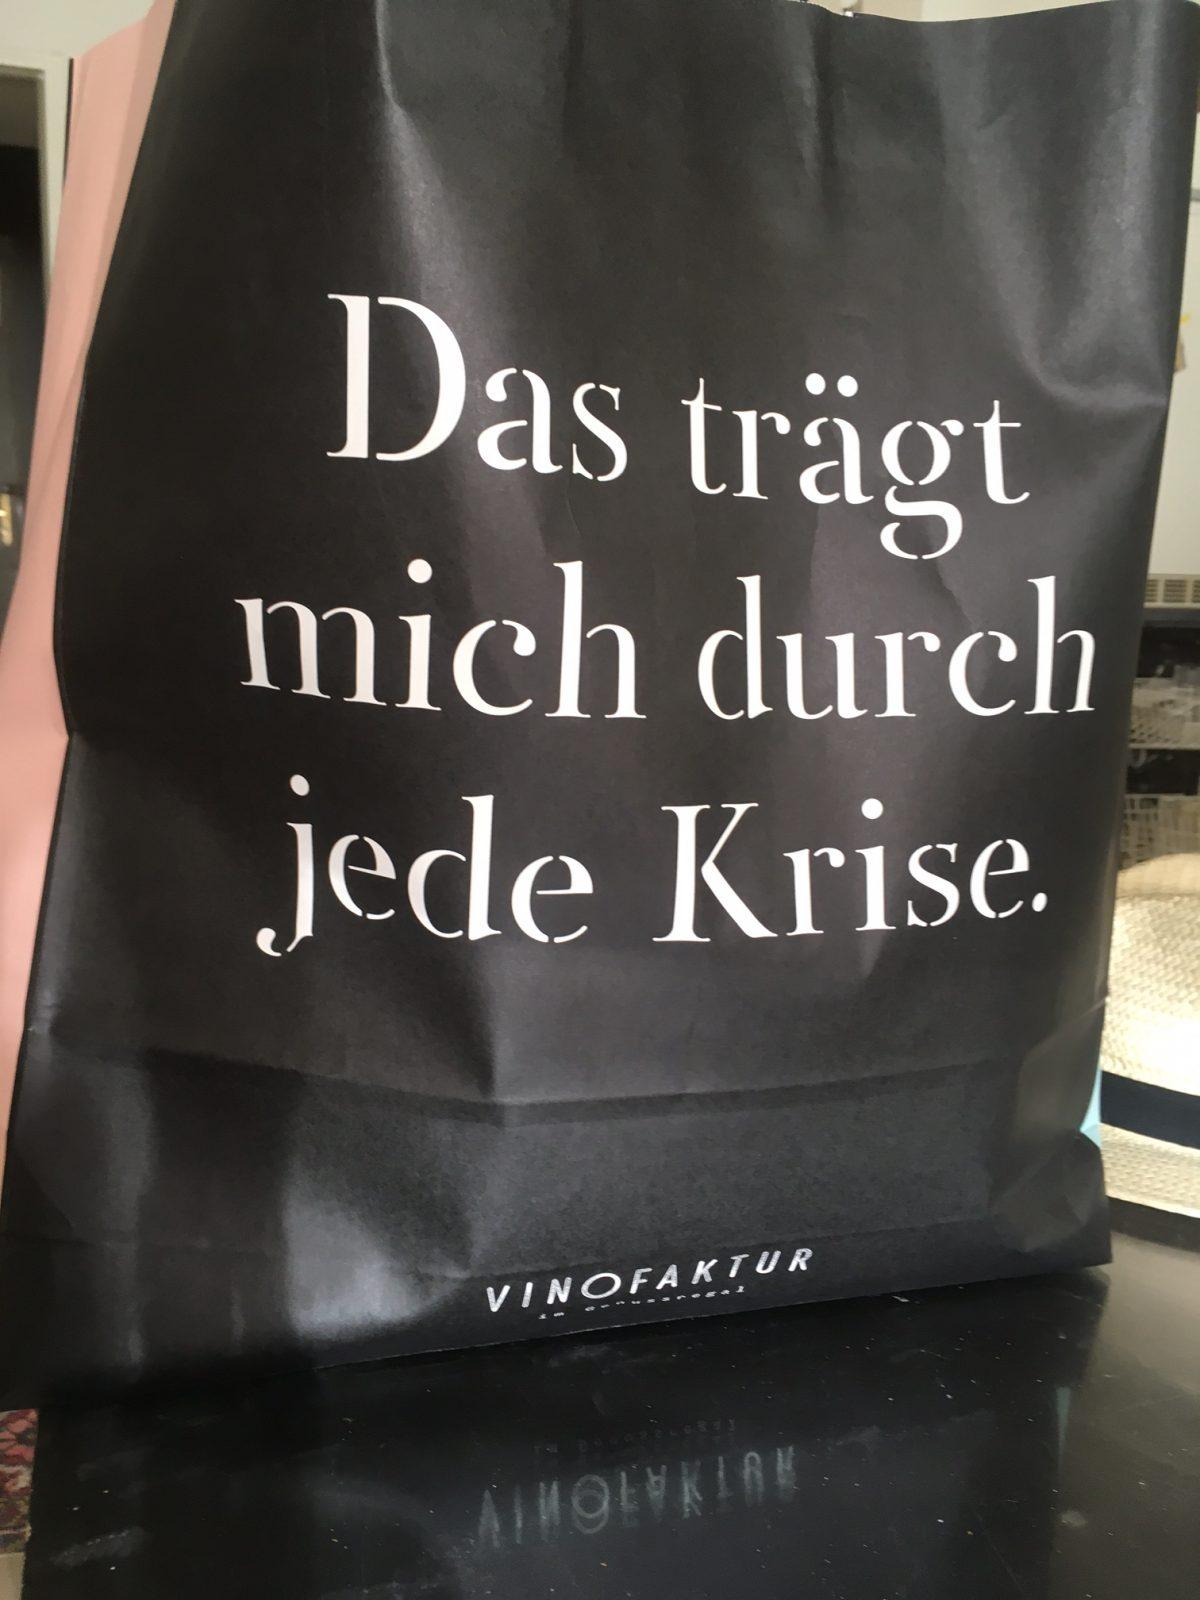 Die Vinofaktur im Genuss-Regal.